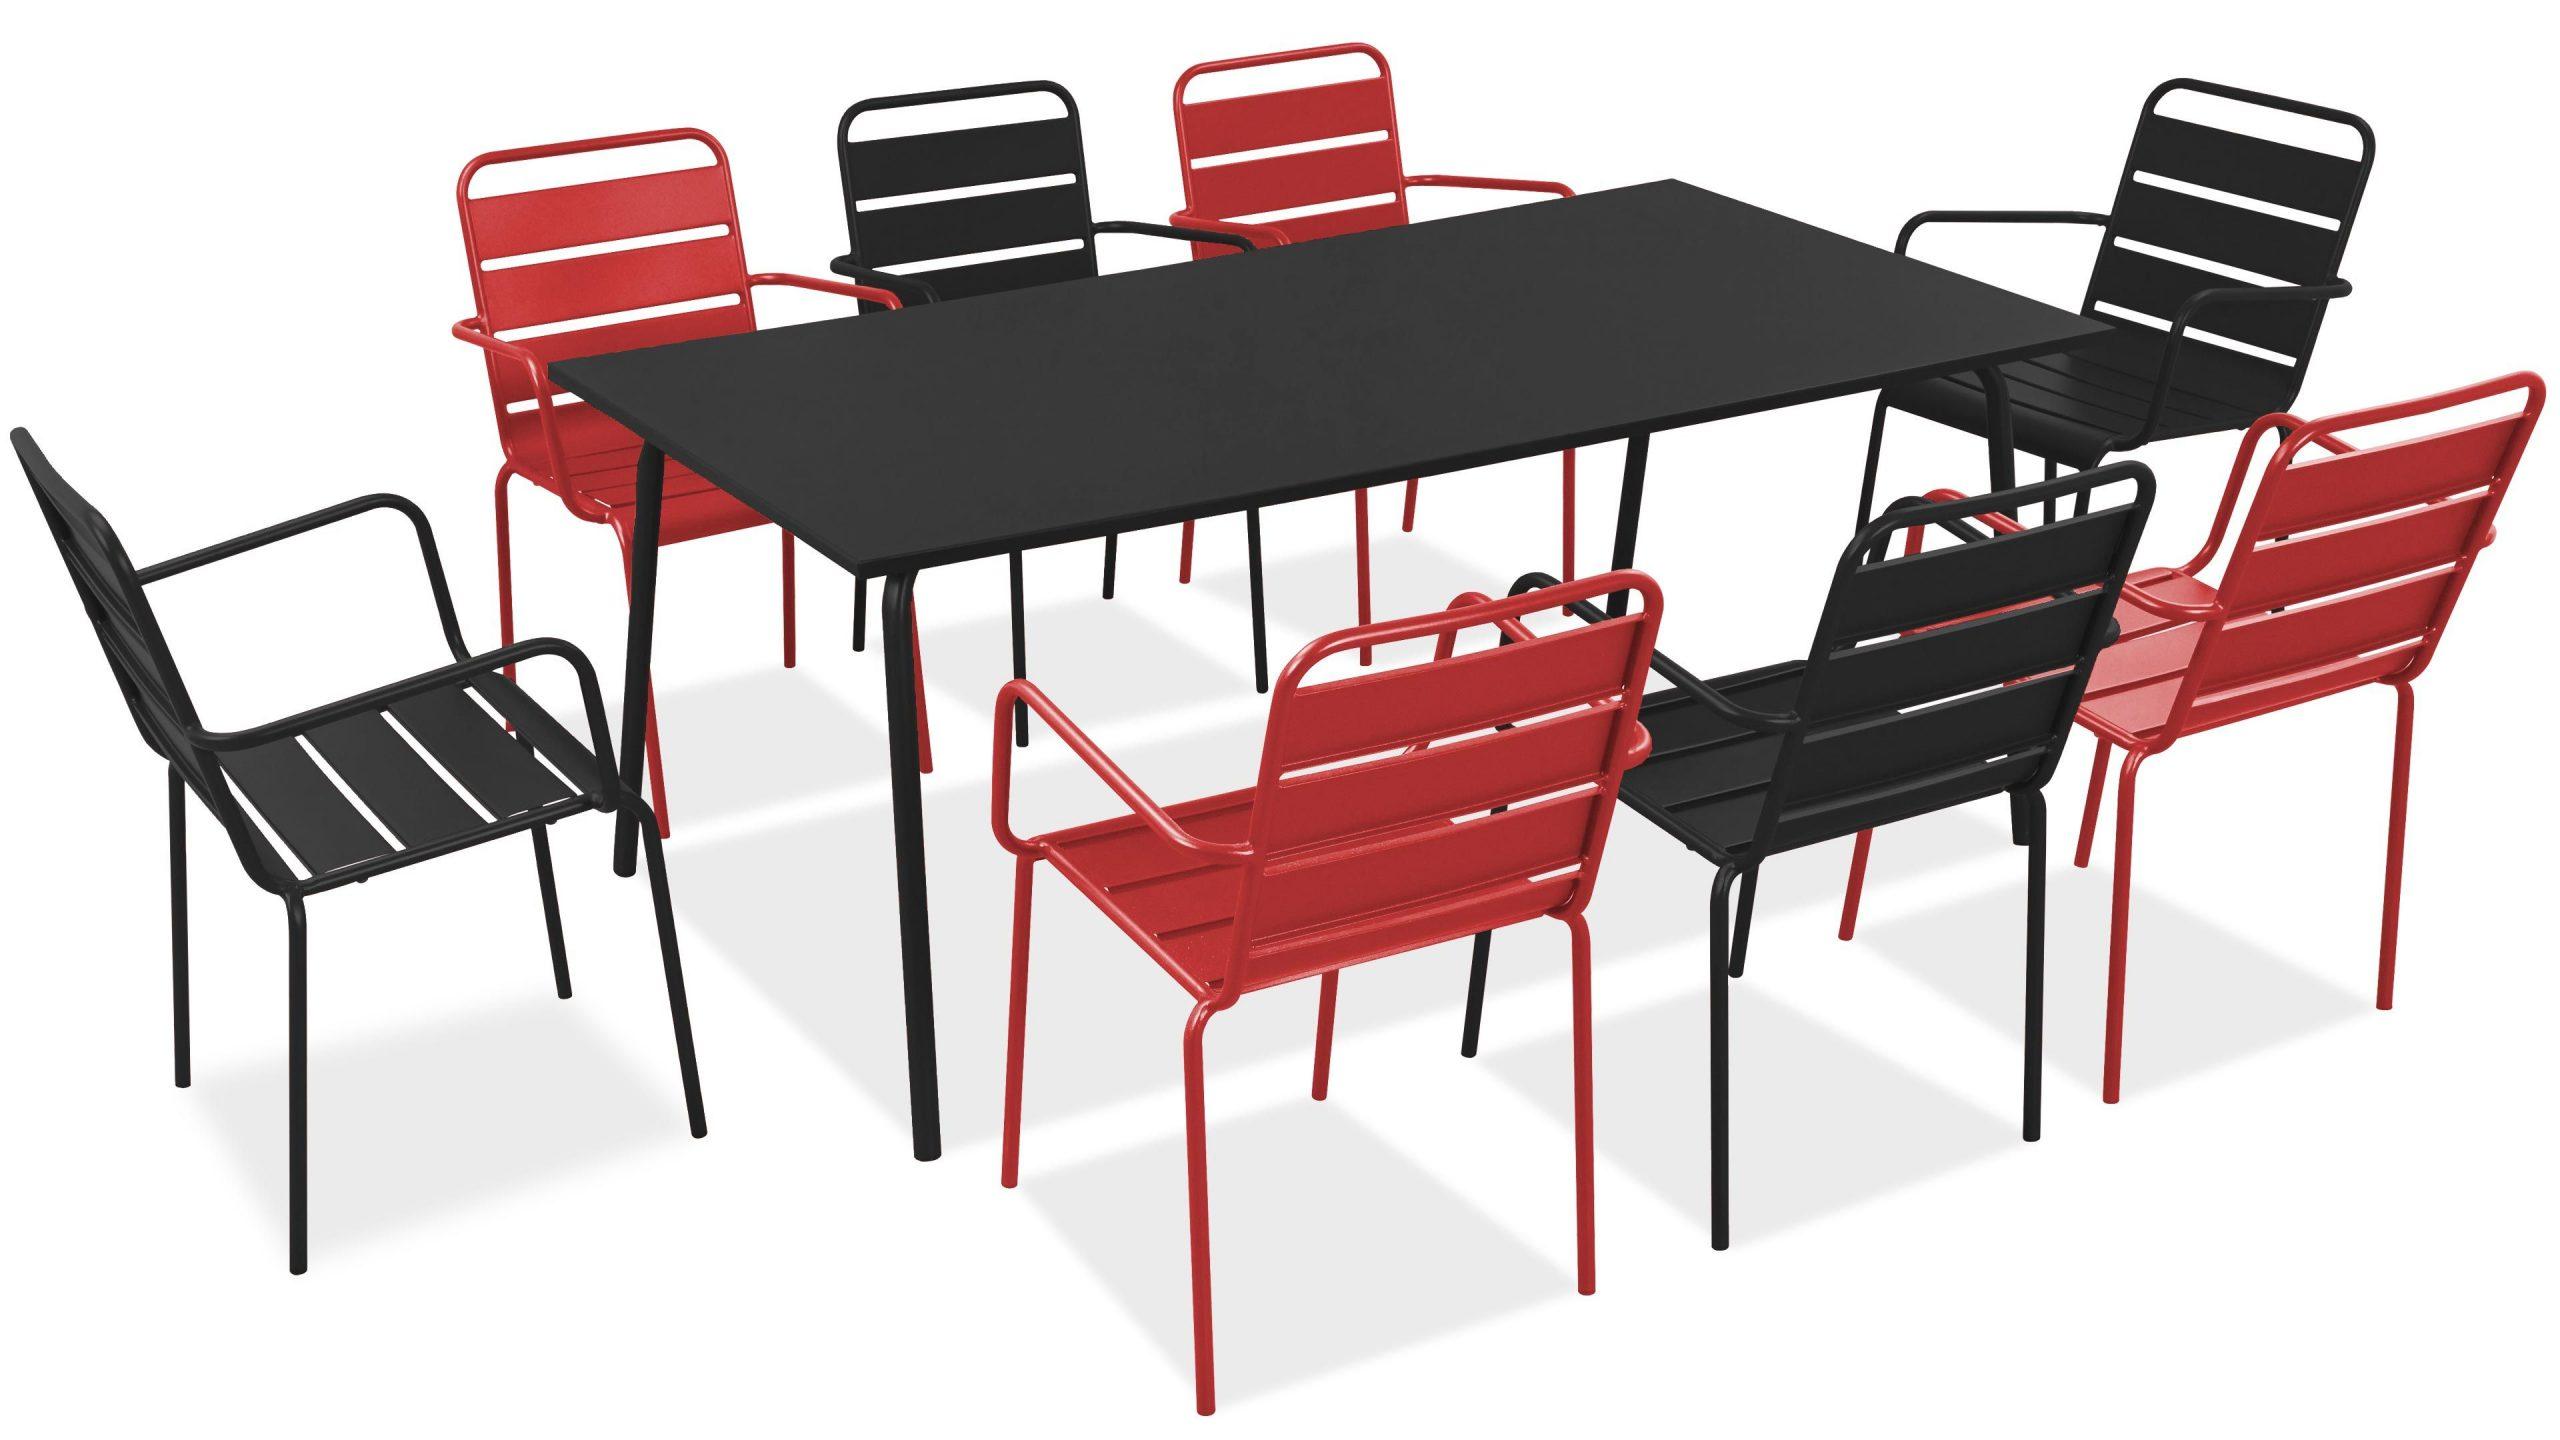 Salon De Jardin Metal Table Et Fauteuils concernant Mon Mobilier De Jardin